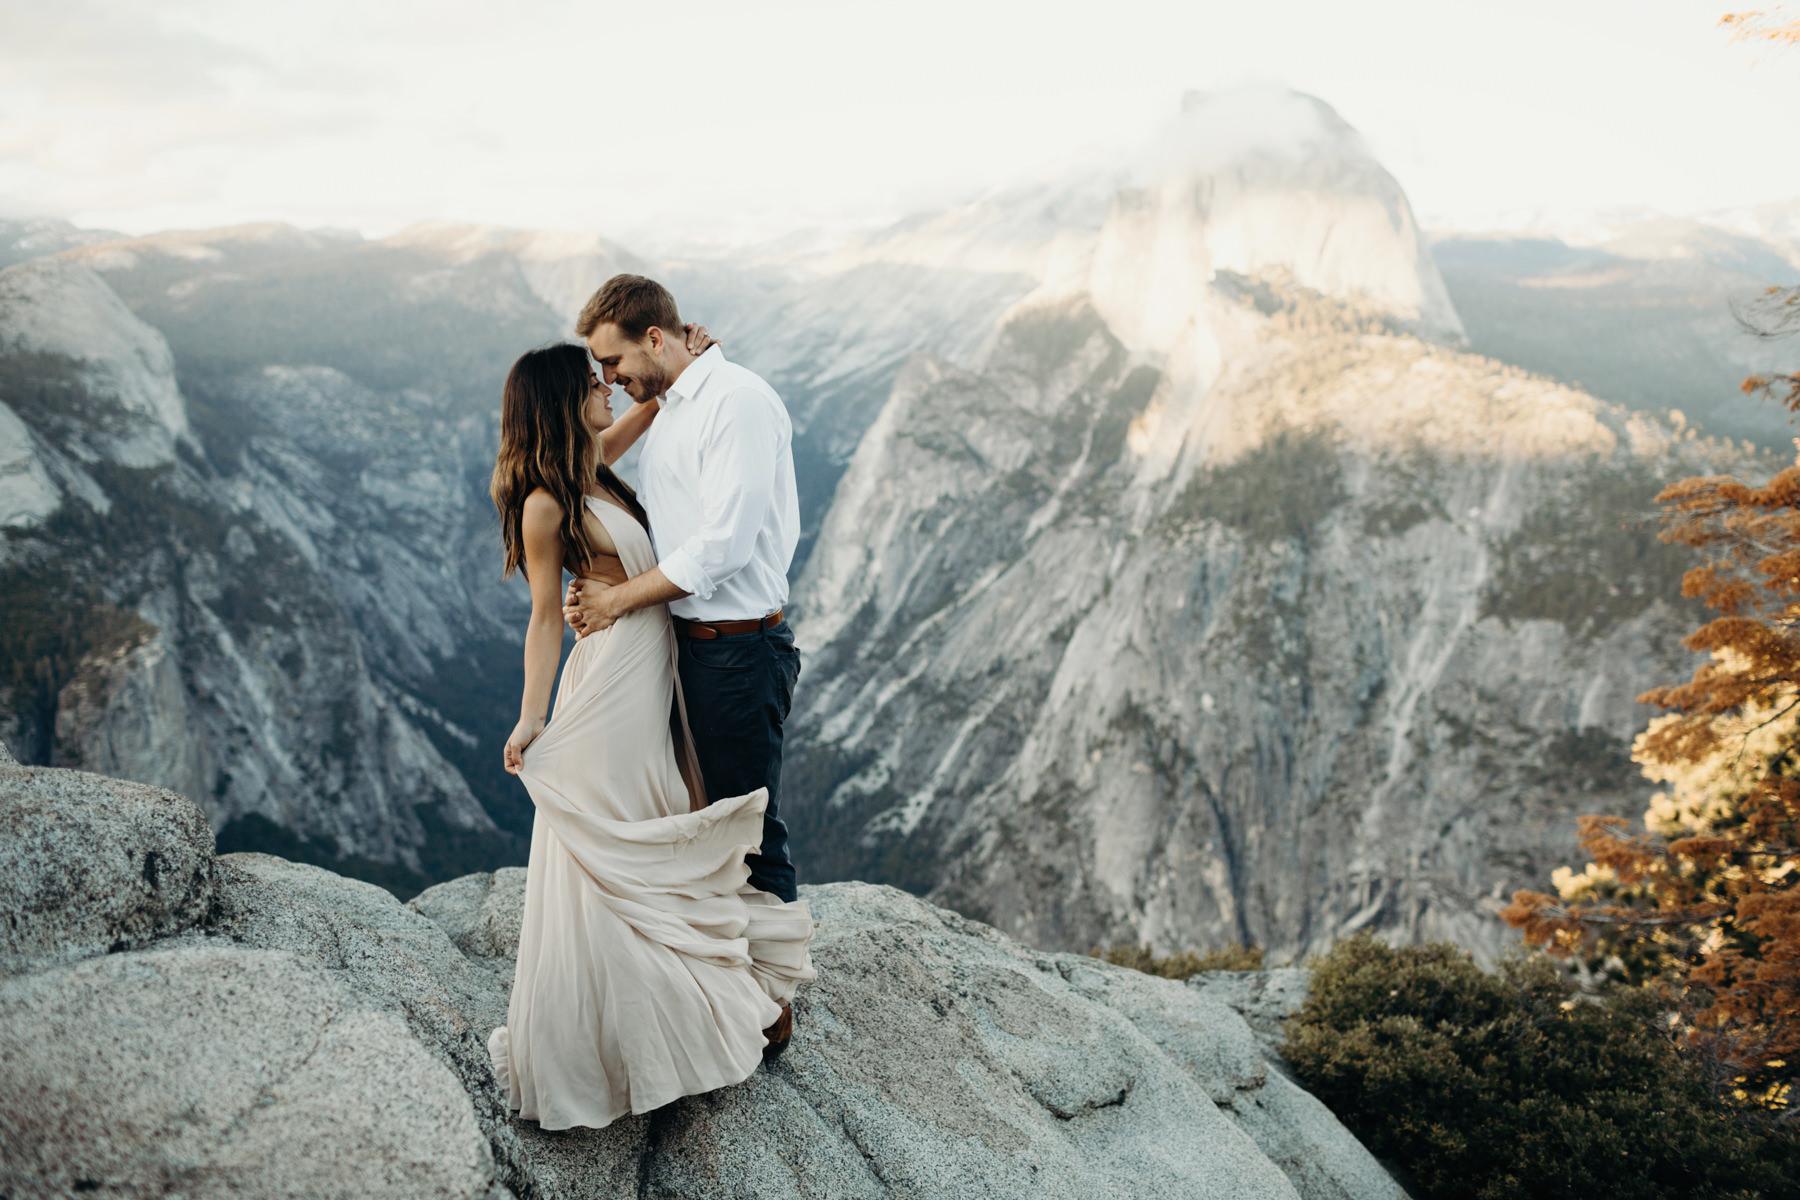 Yosemite Engagement Photos - Portland Wedding Photographer